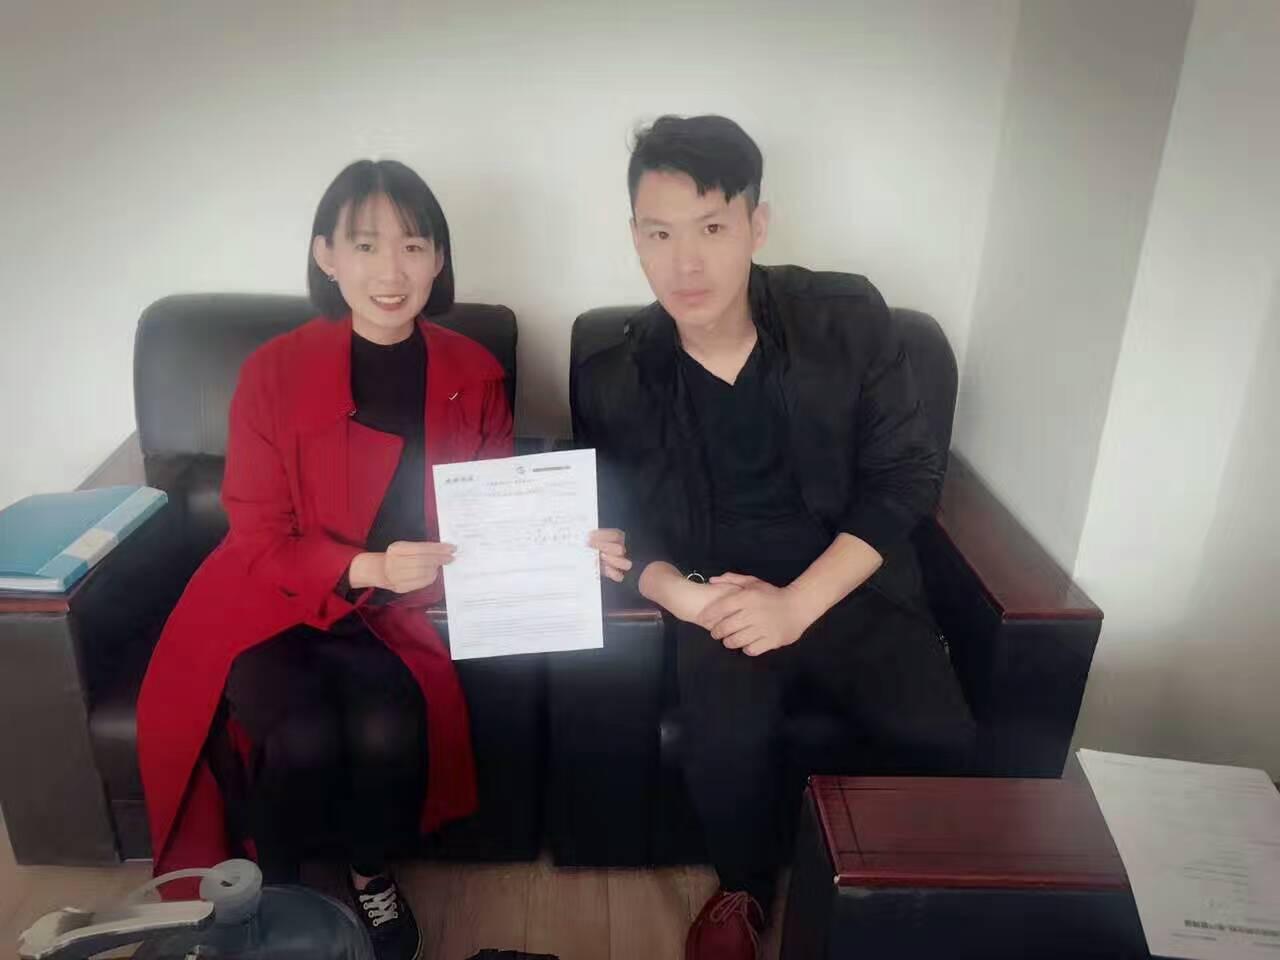 云南网站推广公司为您强烈推荐发动机配件厂家昆明杭汽发汽配